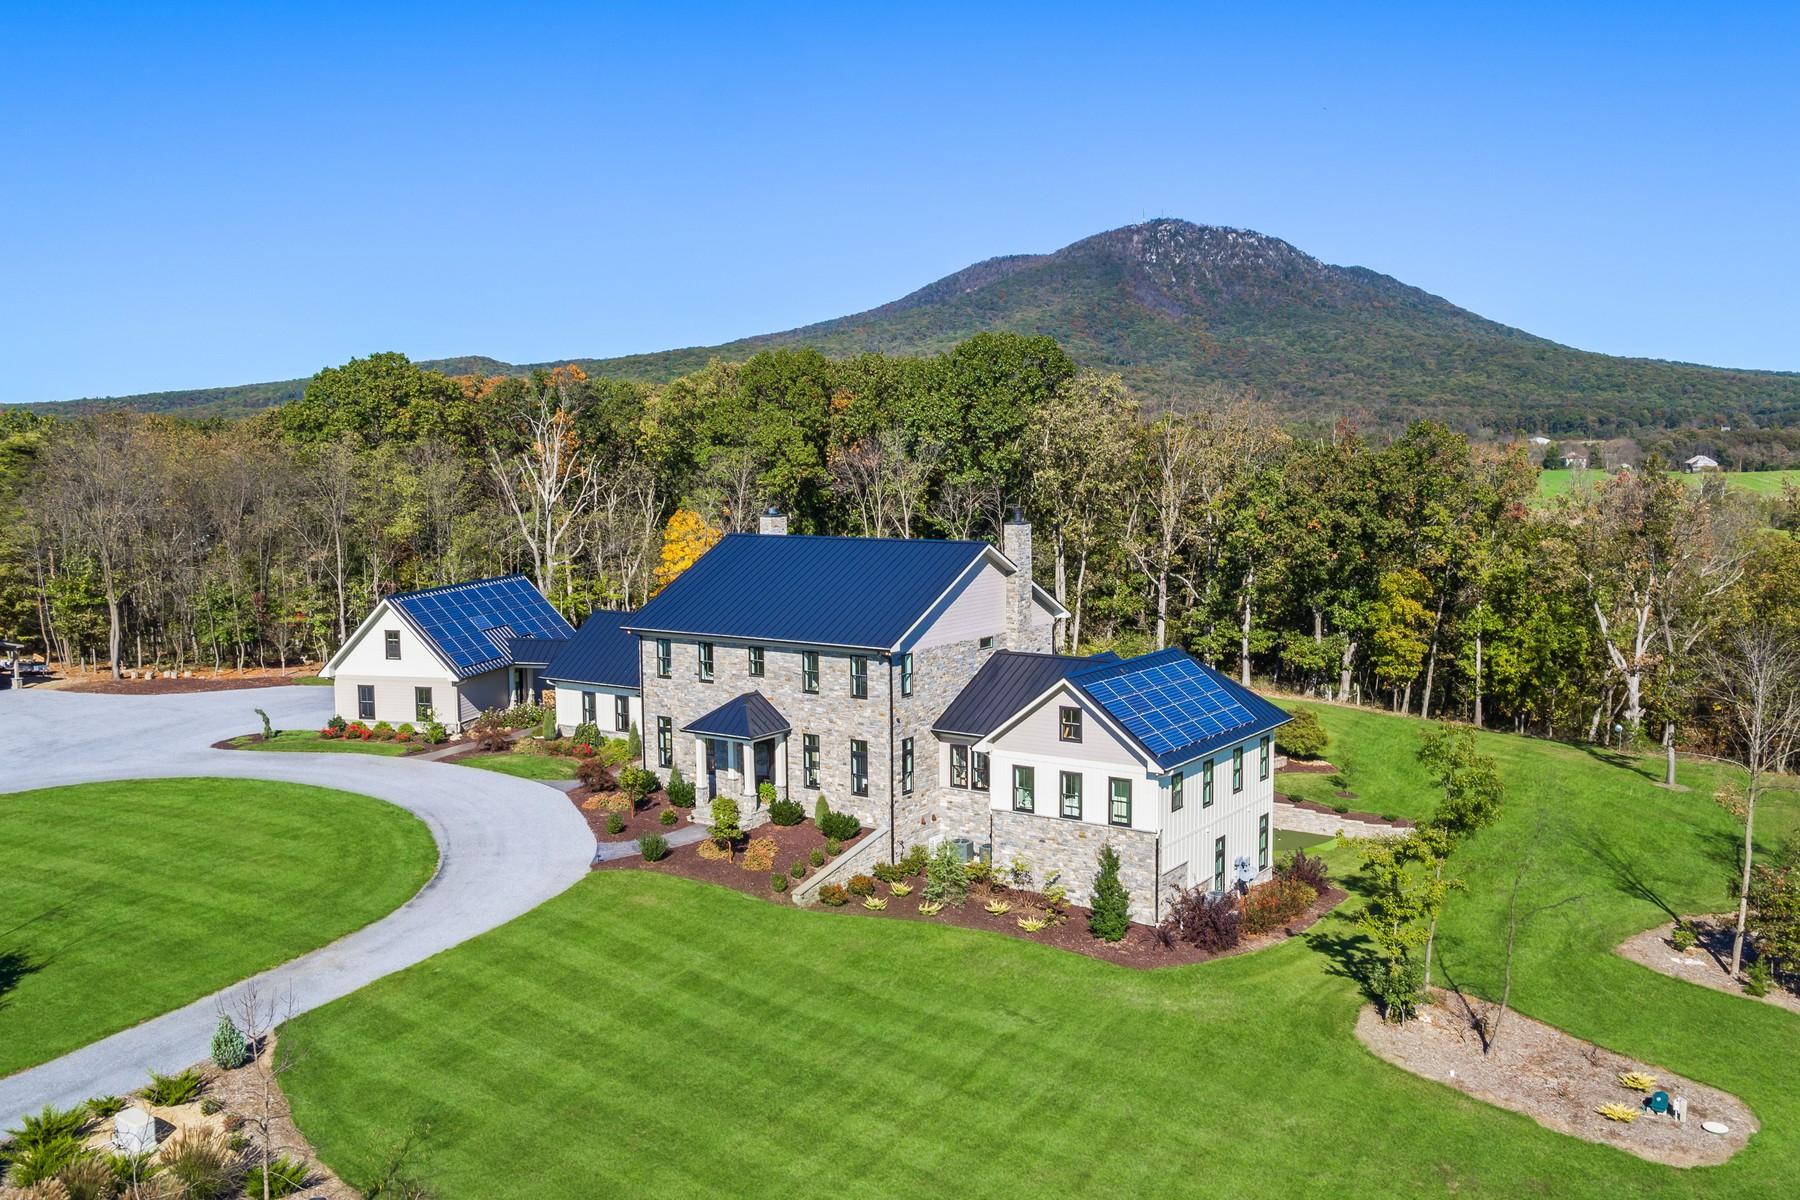 Maison unifamiliale pour l Vente à 563 Hickory Point Trail, Penn Laird 563 Hickory Point Trl Penn Laird, Virginia 22846 États-Unis